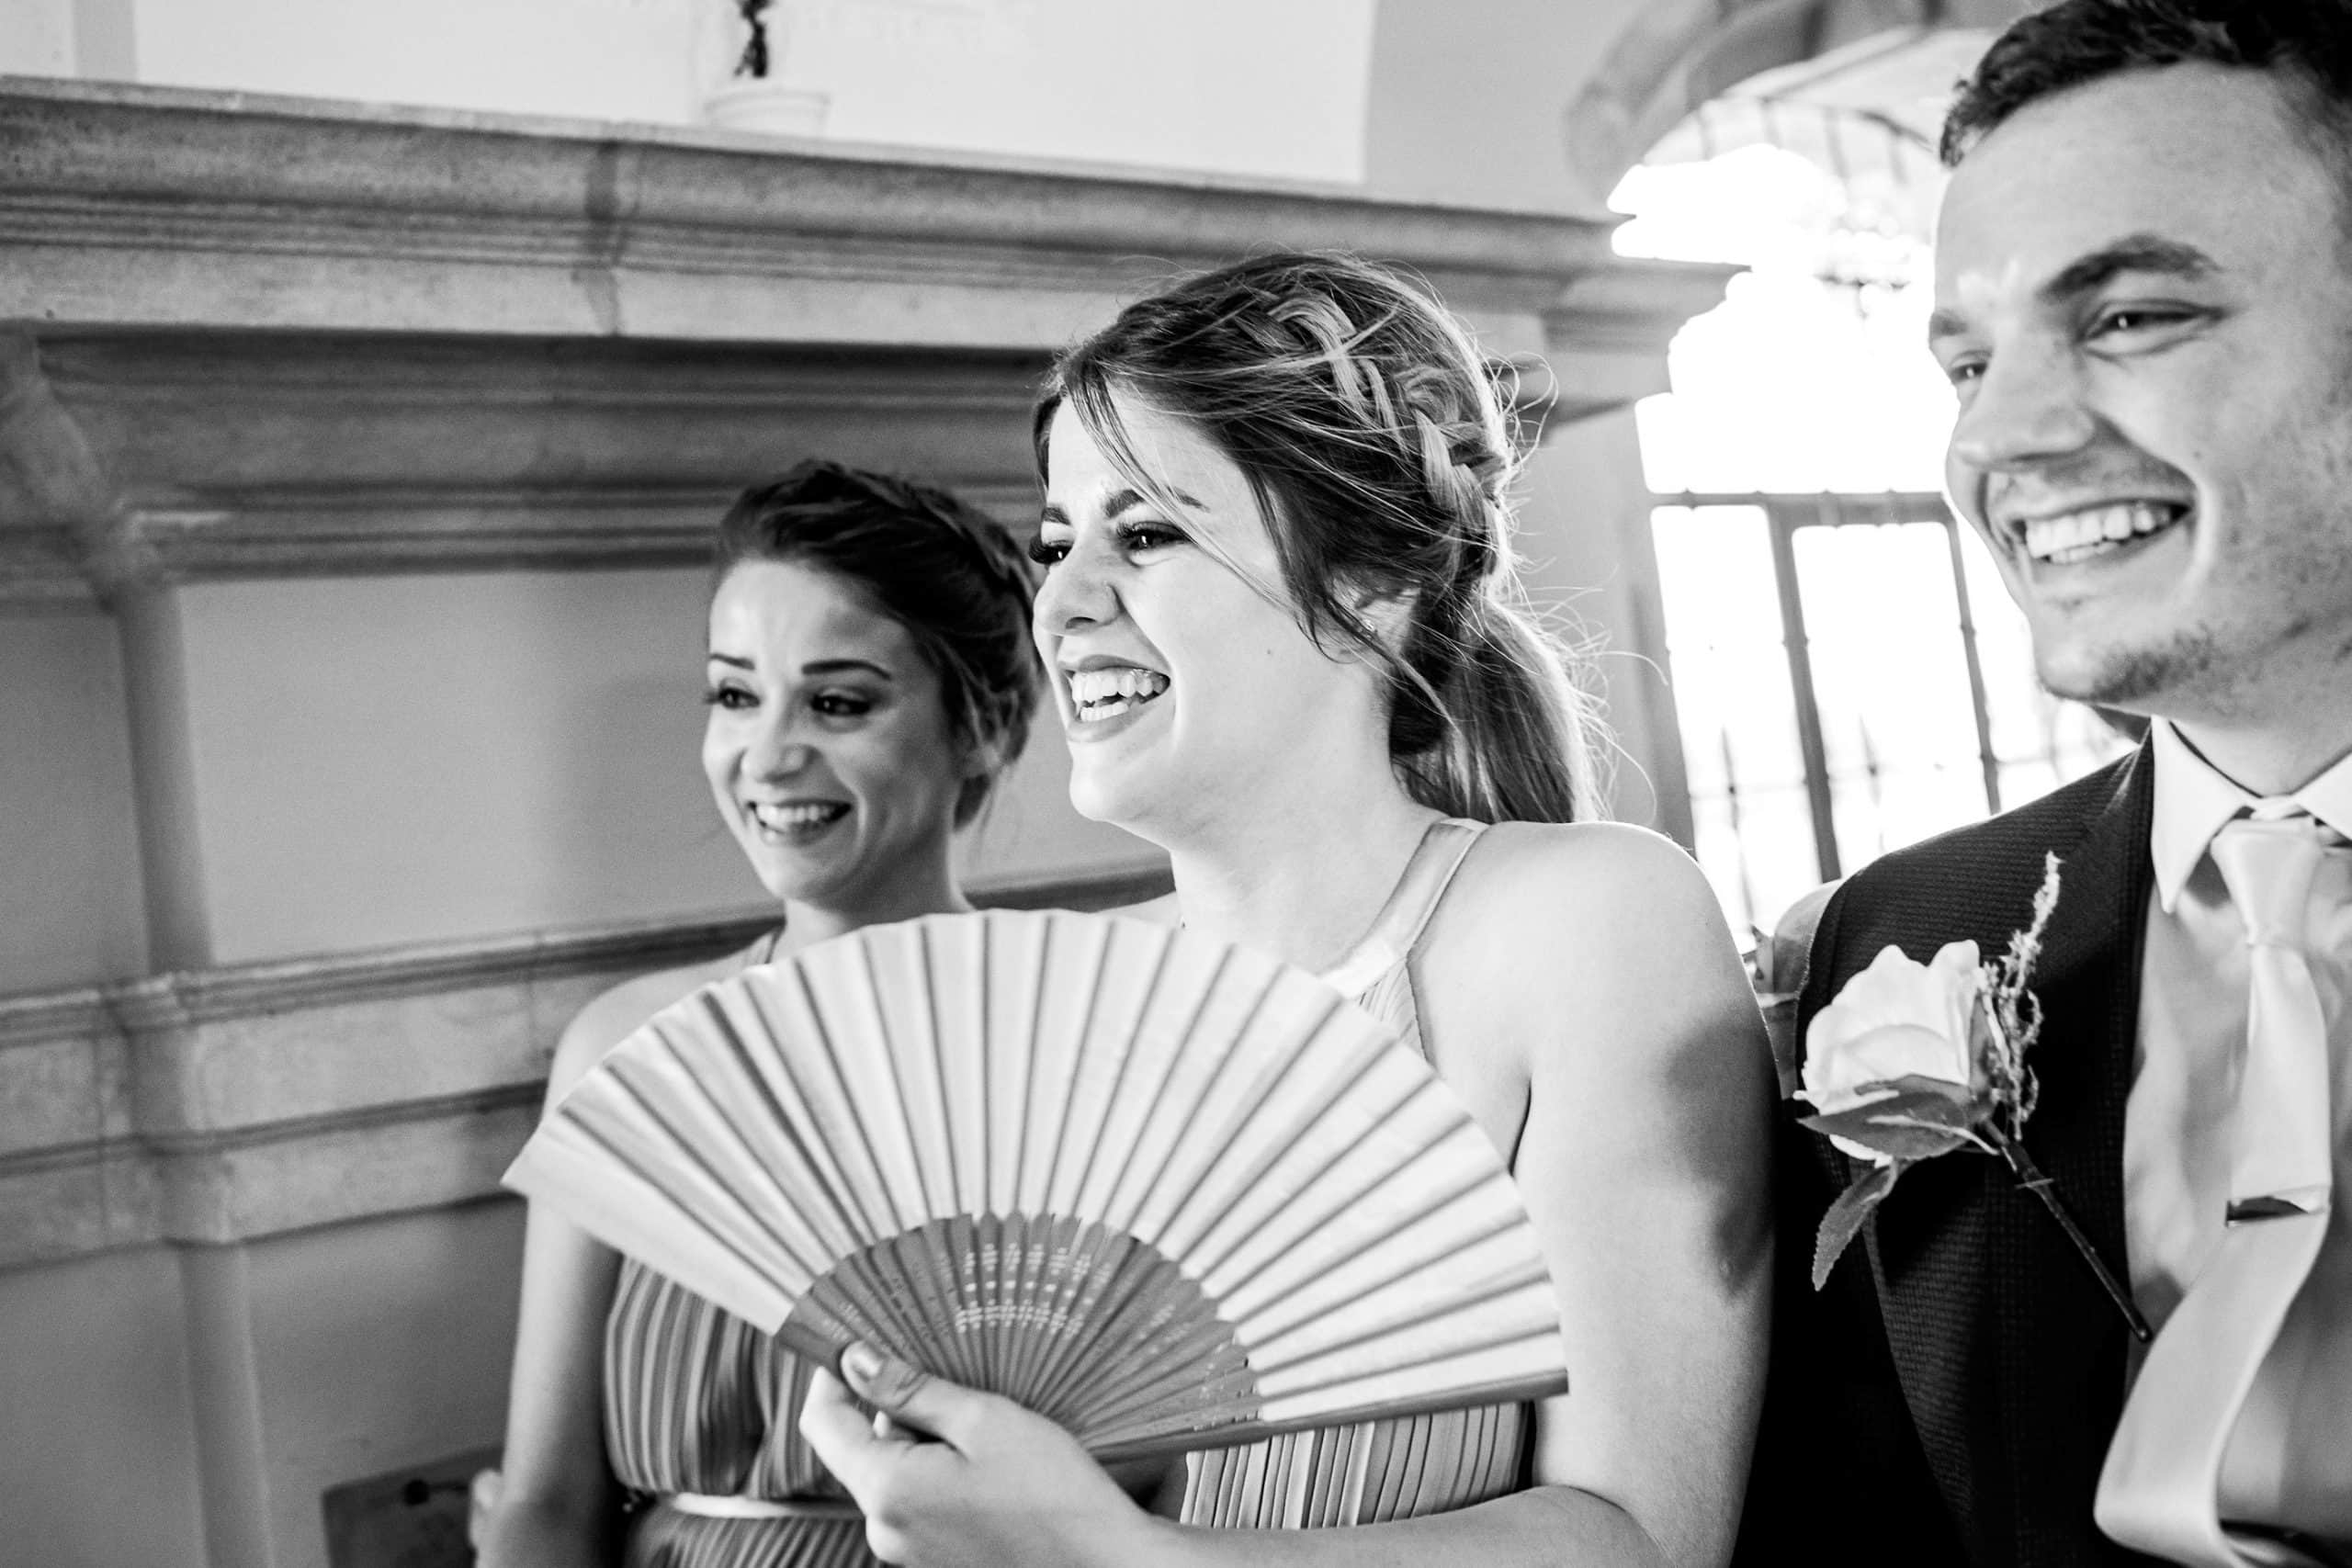 normanton-church-wedding-photography-12